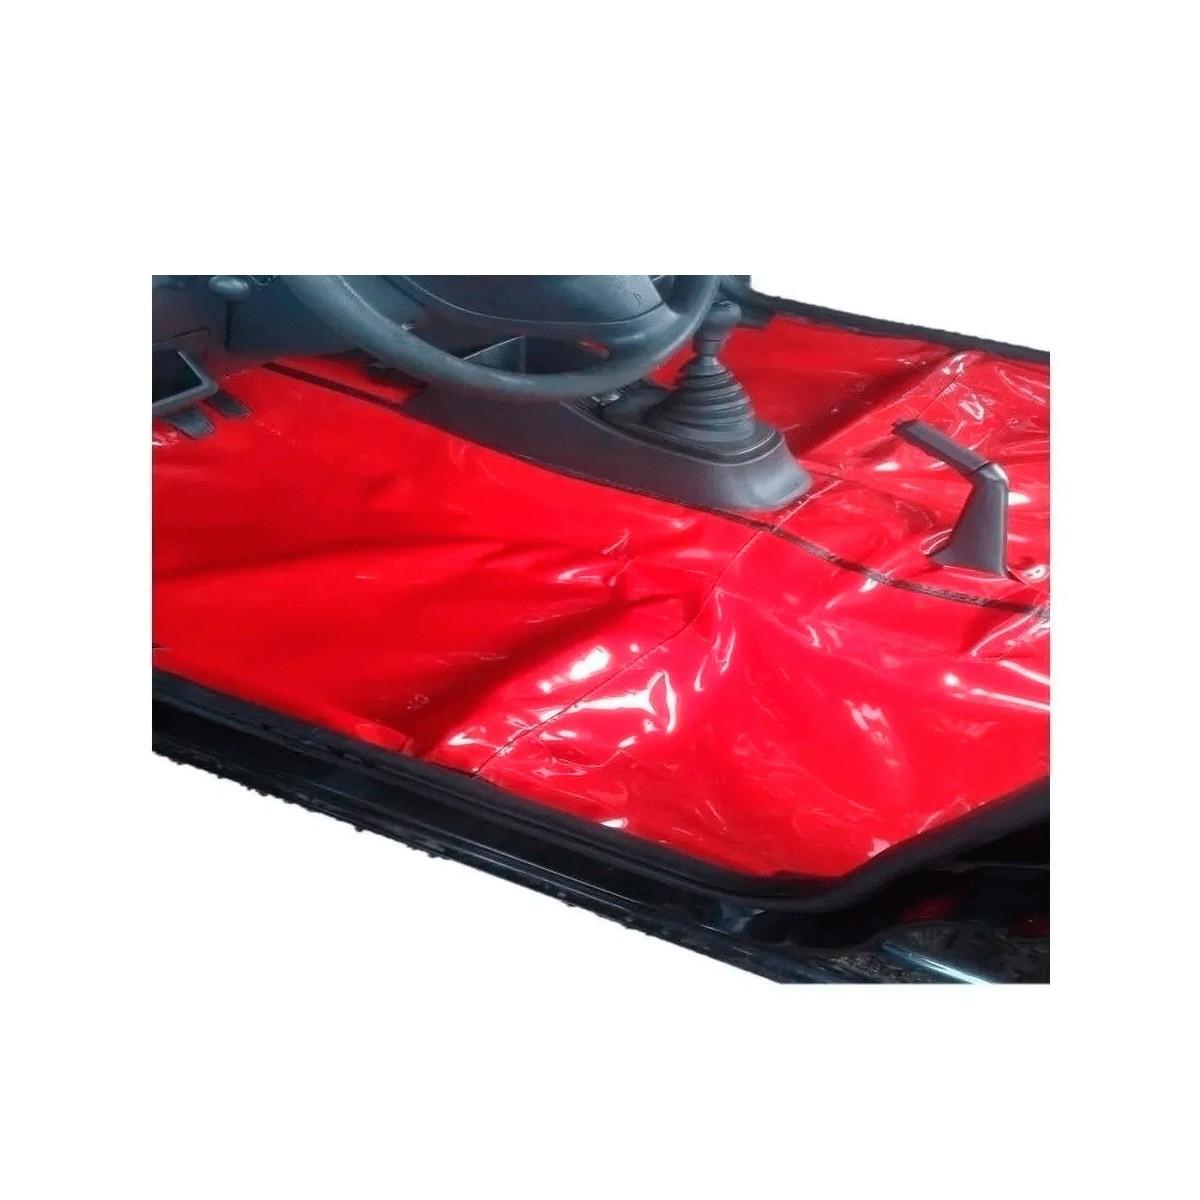 Tapete Carpete Assoalho Vinil Verniz Caminhão Mercedes 1620 até 2011 Vermelho